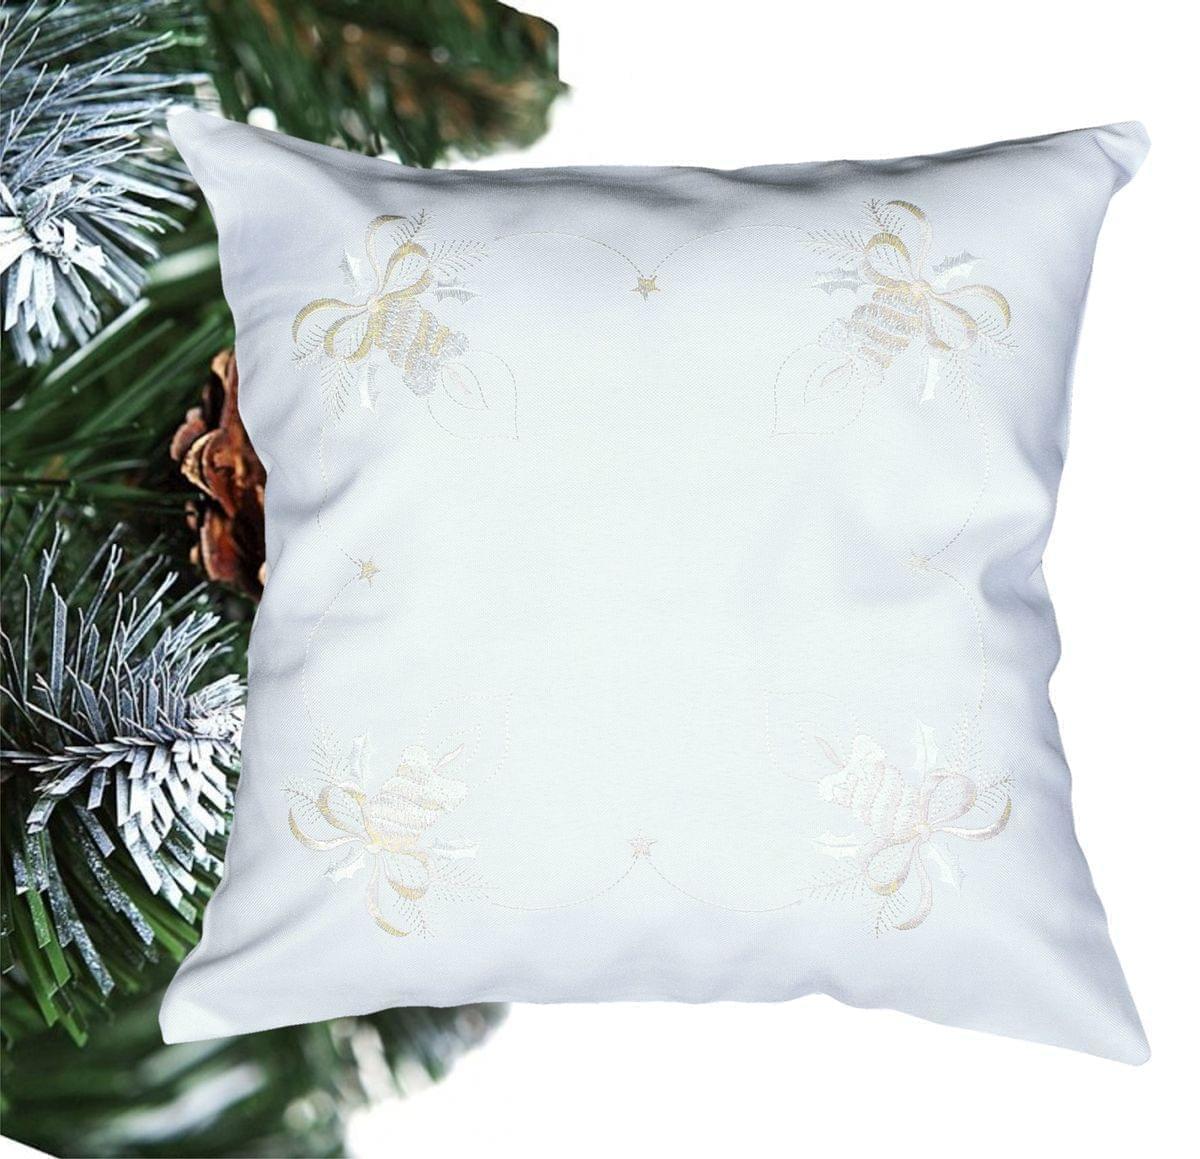 Forbyt, Návlek na polštář, Vánoční svíčky, bílý , 40 x 40 cm